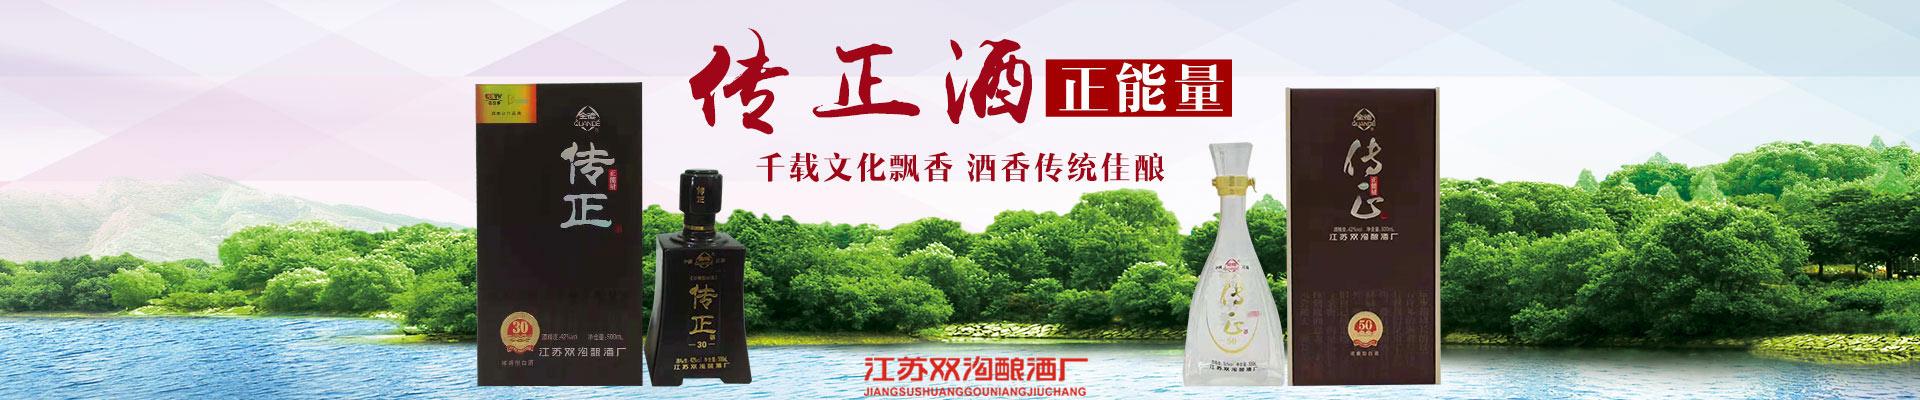 江苏省双沟酿酒厂